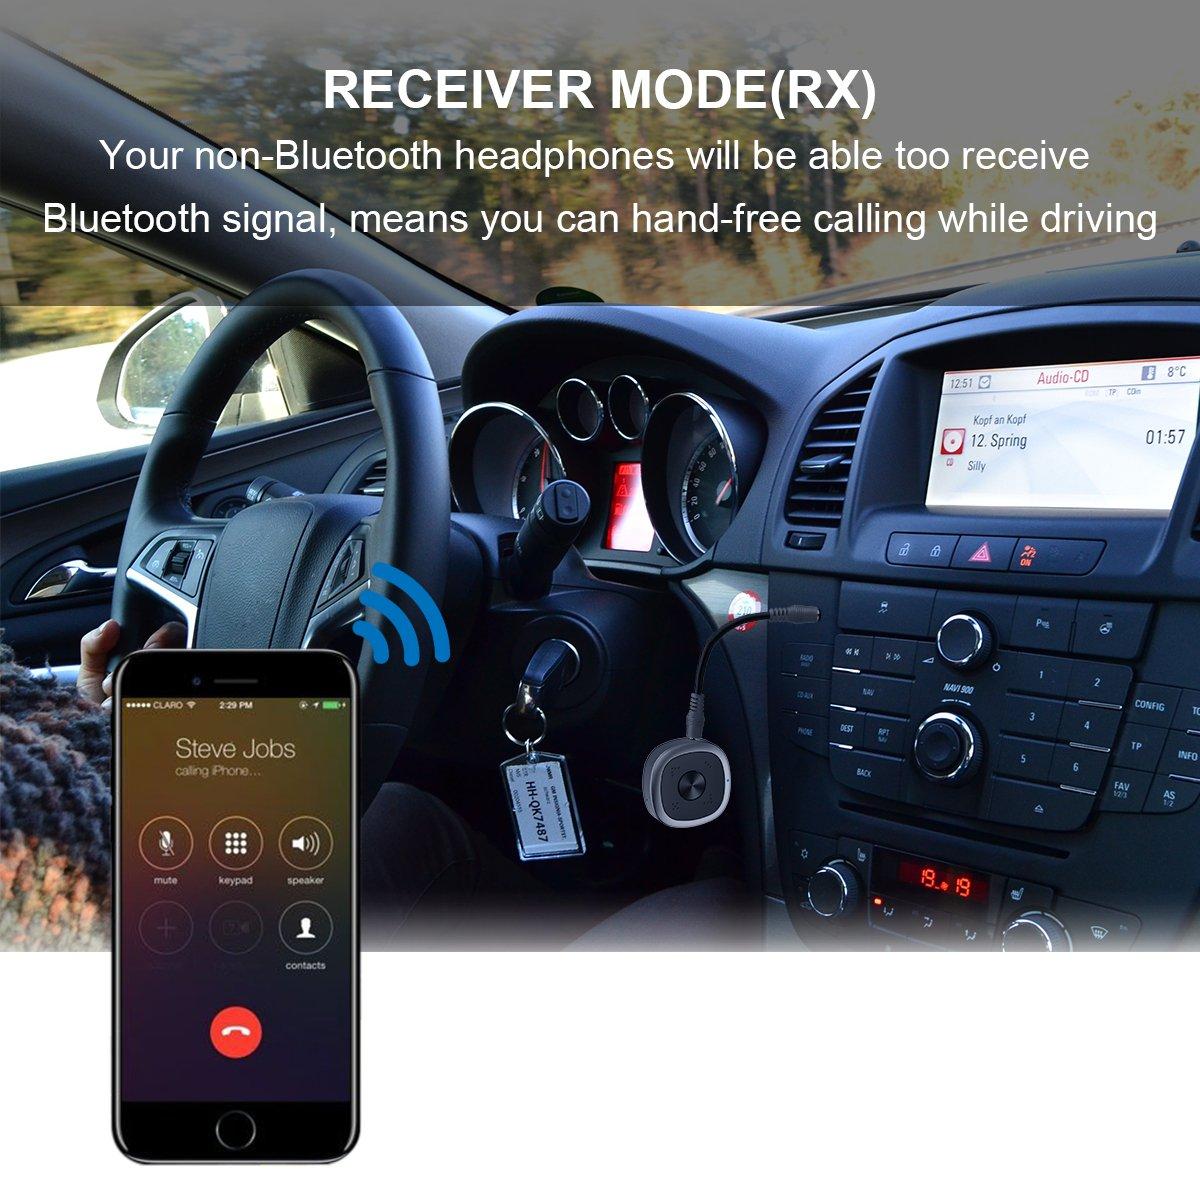 INKERSCOOP Adaptateur Bluetooth 4.2 Récepteur Audio Bluetooth Transmetteur Récepteur Stéréo 2 en 1 avec 3.5mm Audio Câble pour Casque Haut-Parleur Radio TV PC Ordinateur Portable Tablet MP3 MP4 Téléphone retard zero Prend en charge APTX, AP